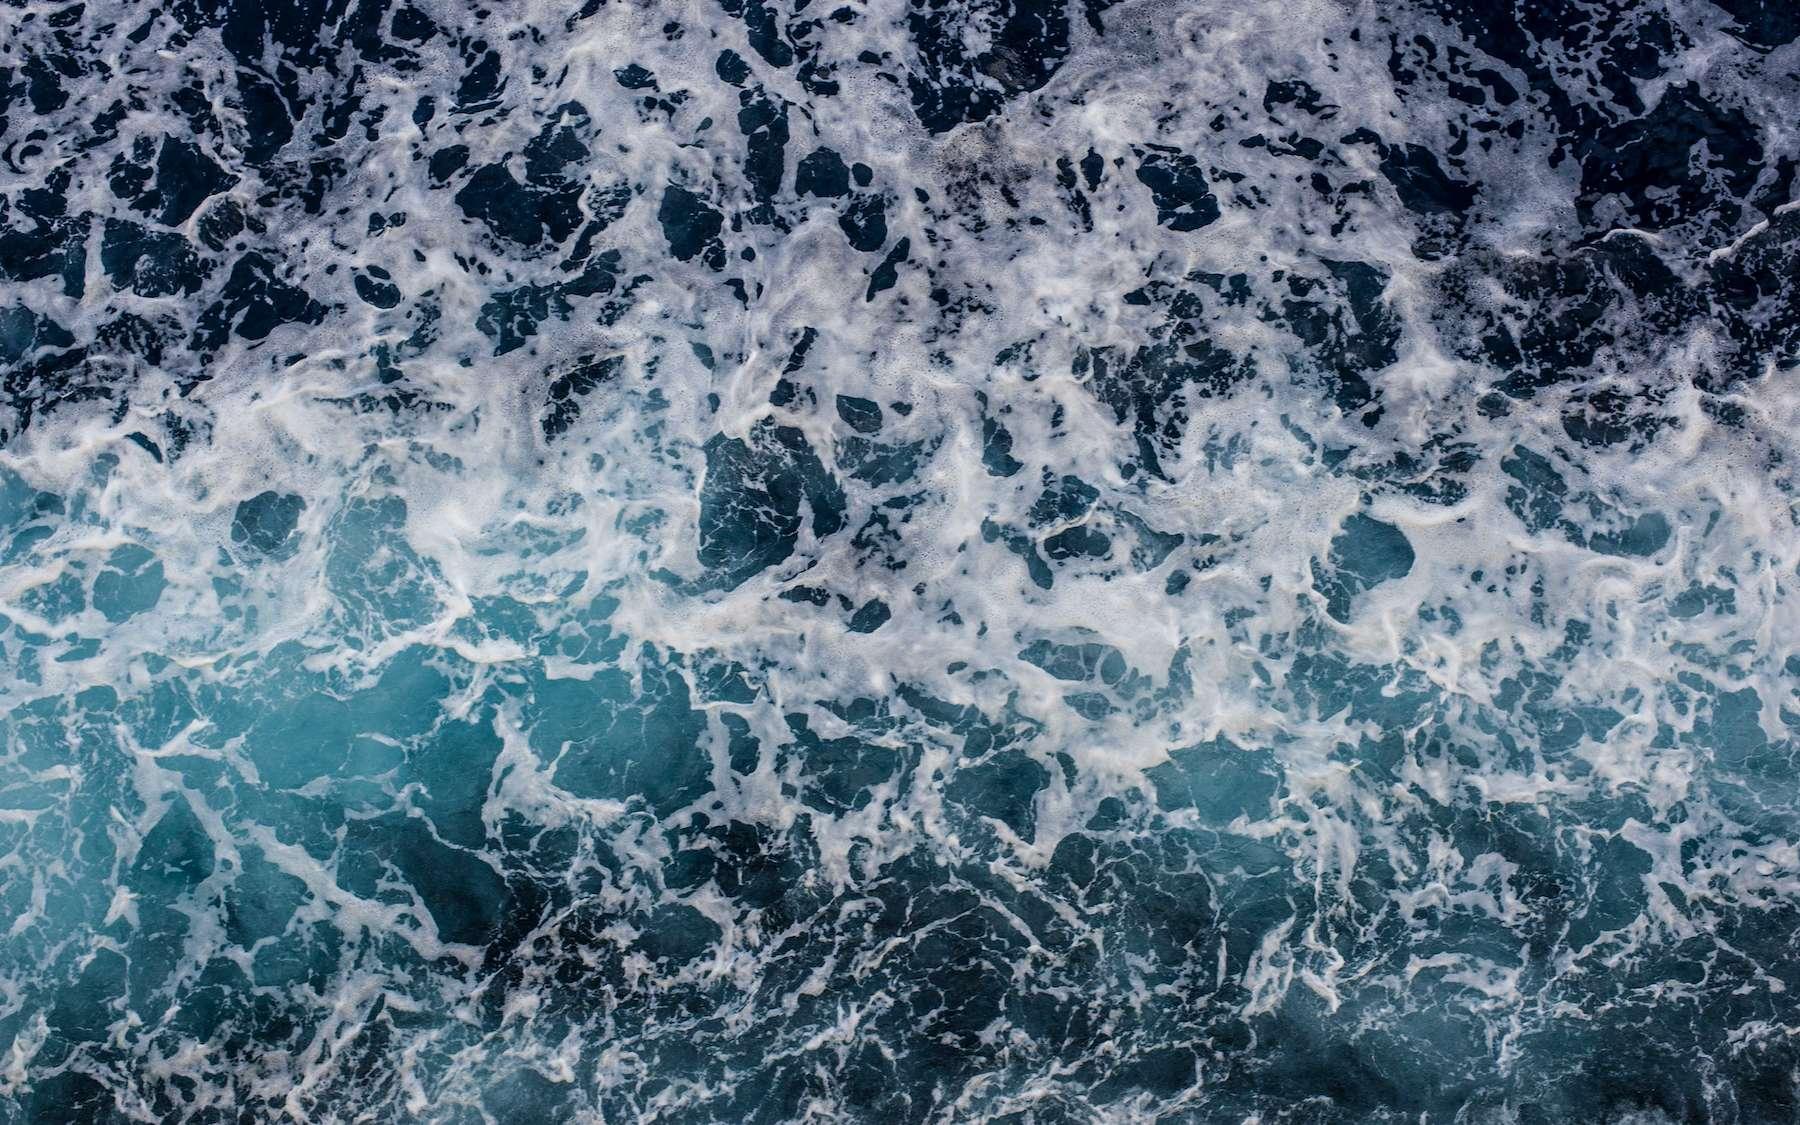 L'eau de mer contient d'énormes quantités de lithium, mais en faible concentration. © Dvorakova Veronika, Adobe Stock